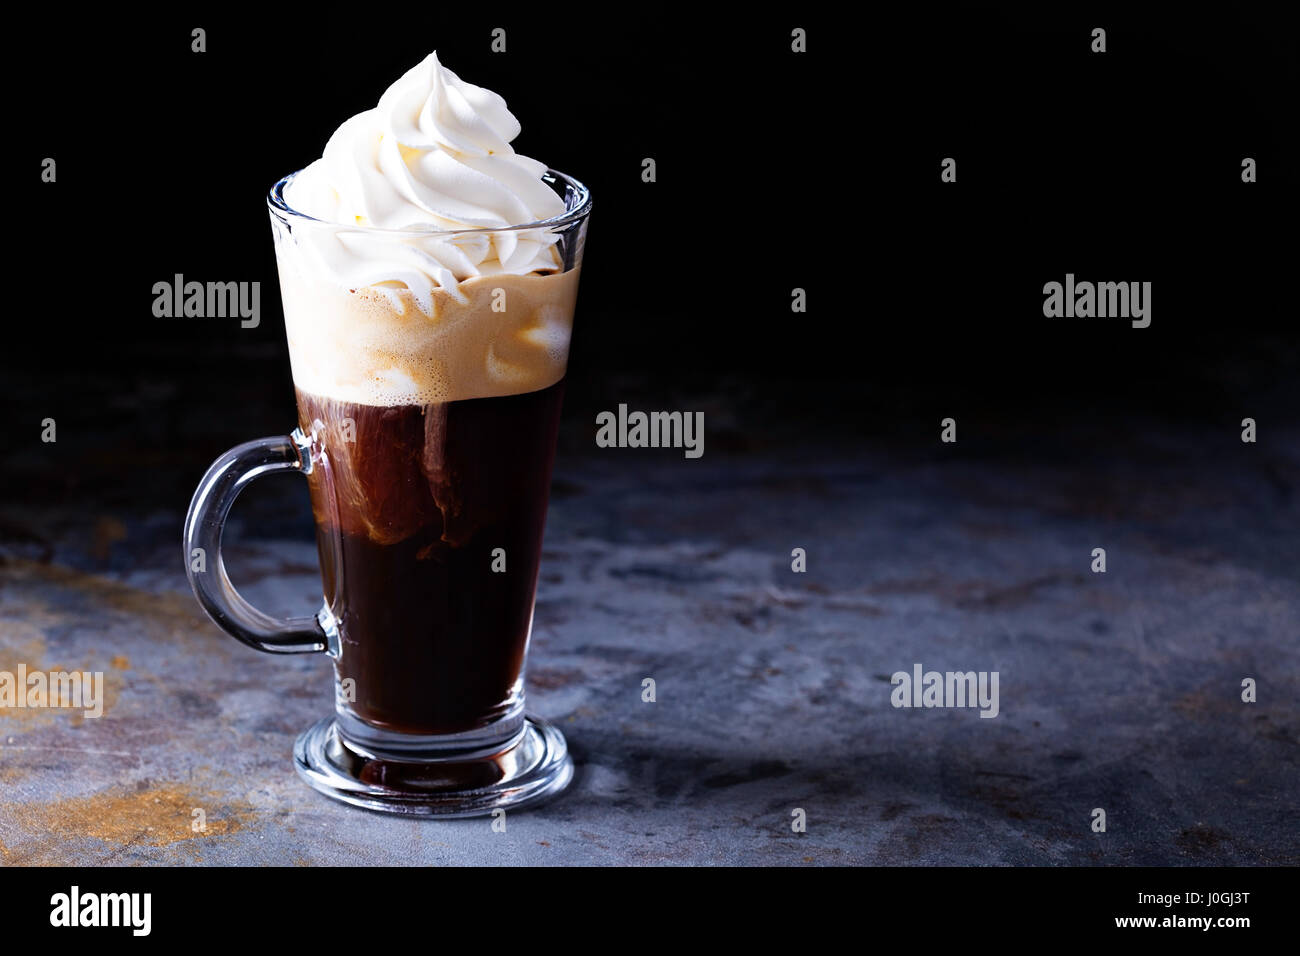 Hot caffè viennese con panna montata Immagini Stock